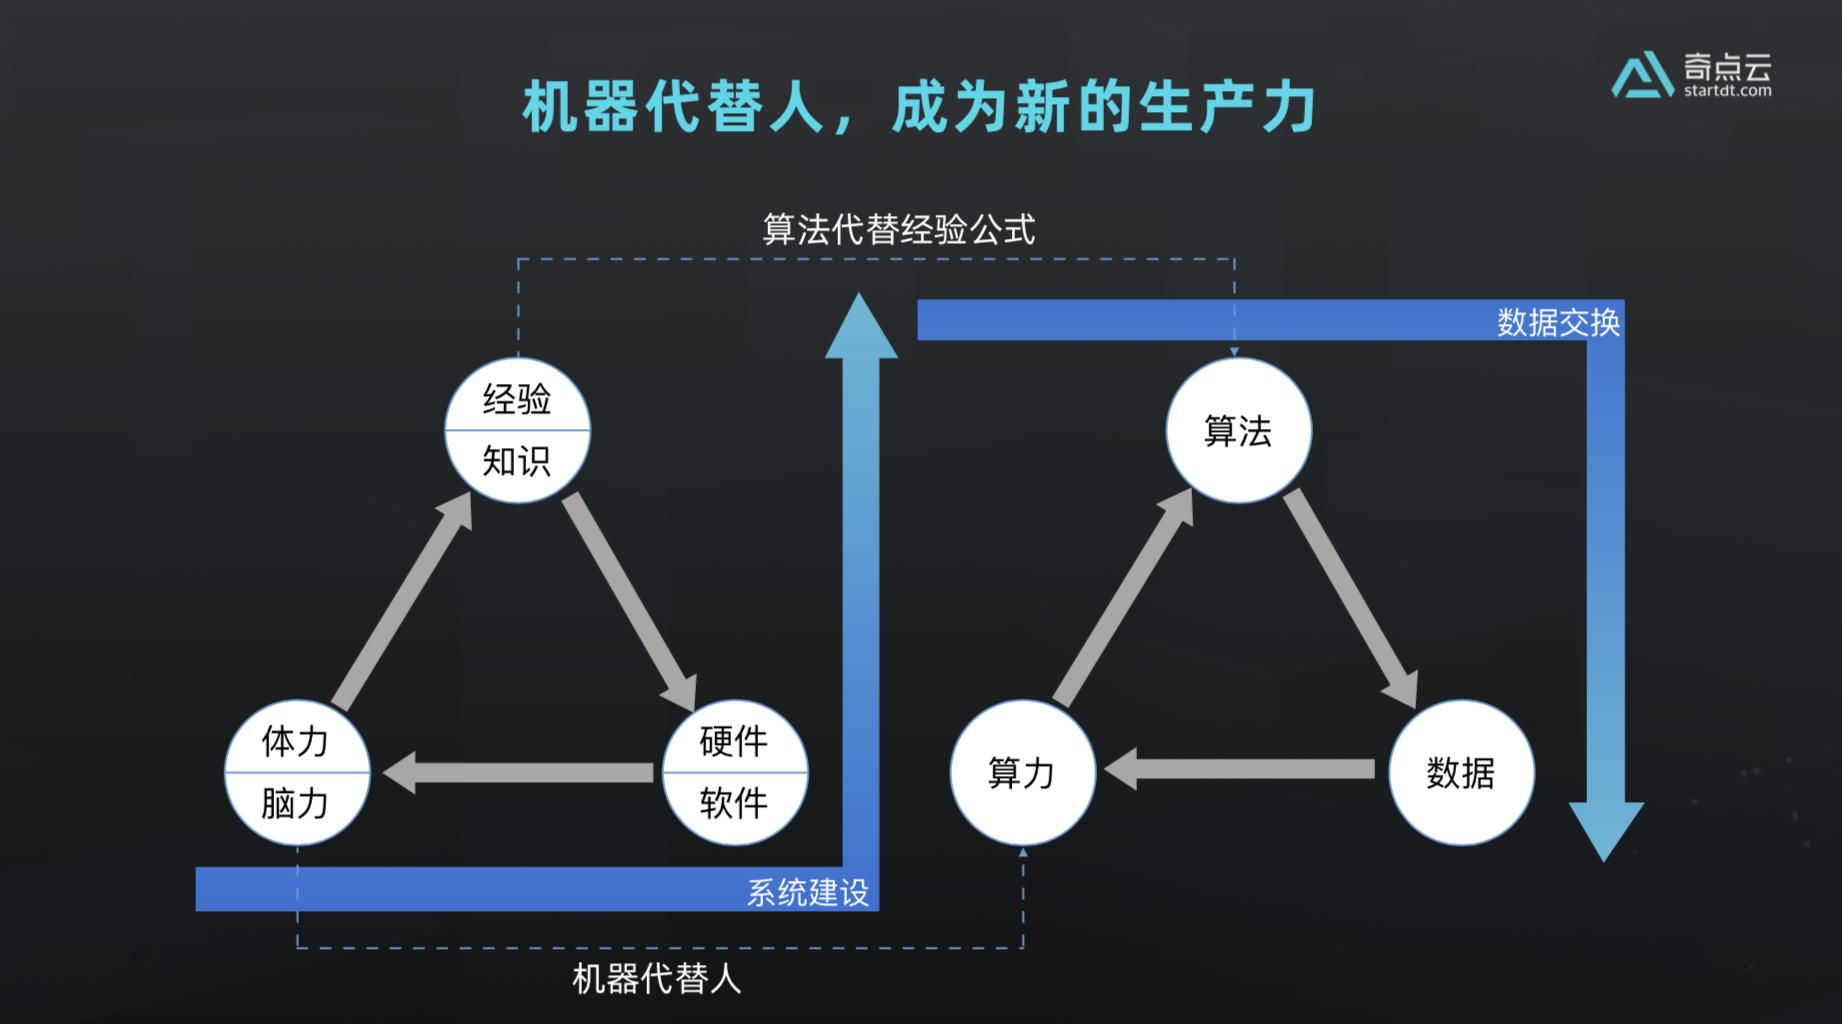 3~~机器代替人,成为新的生产力,.png